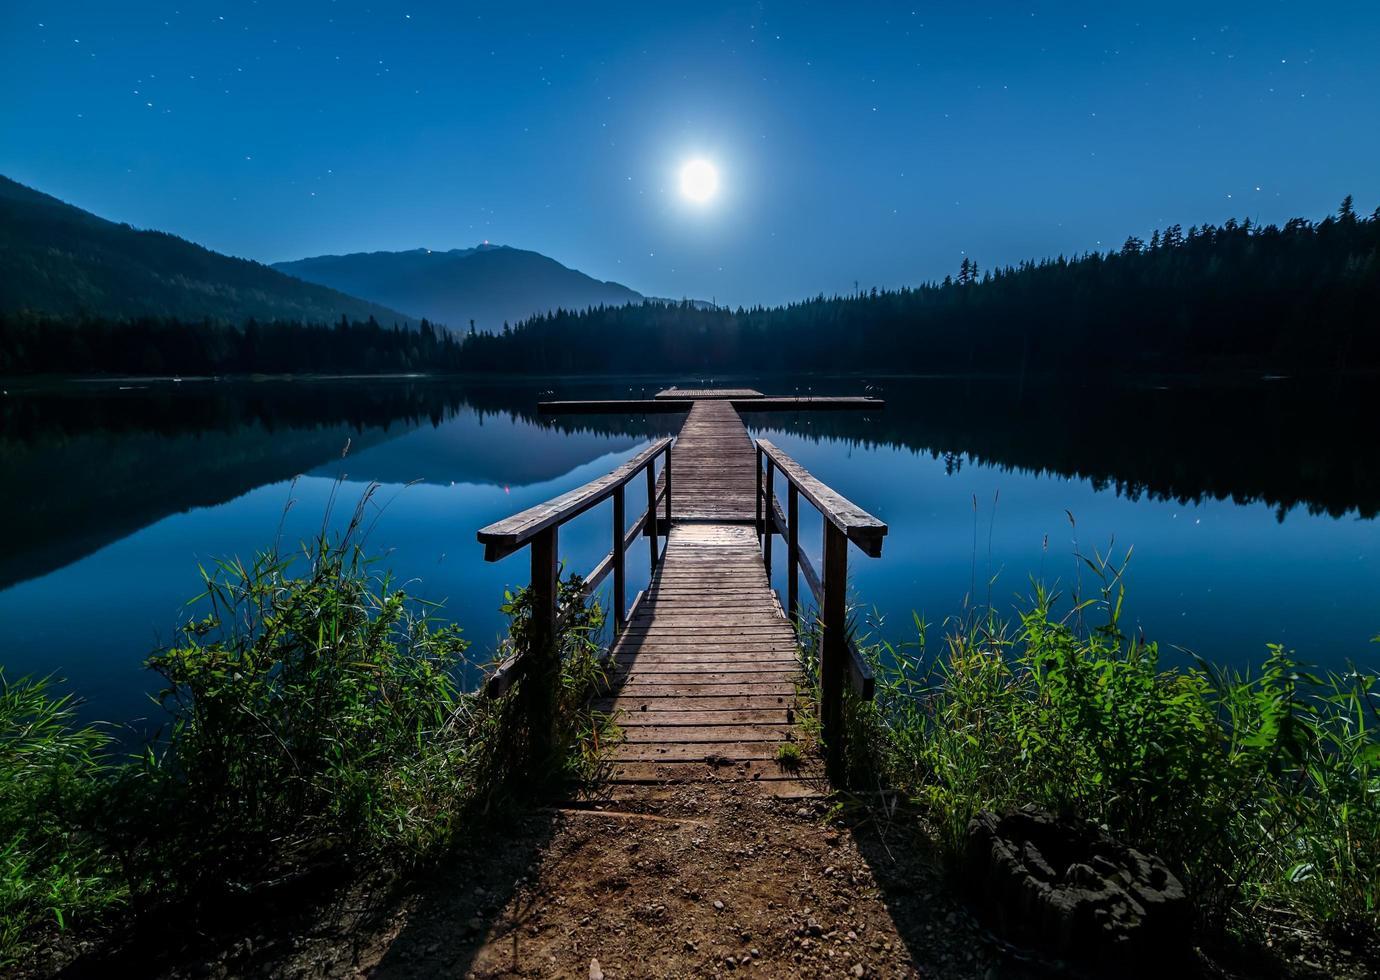 bacino al chiaro di luna sull'acqua foto